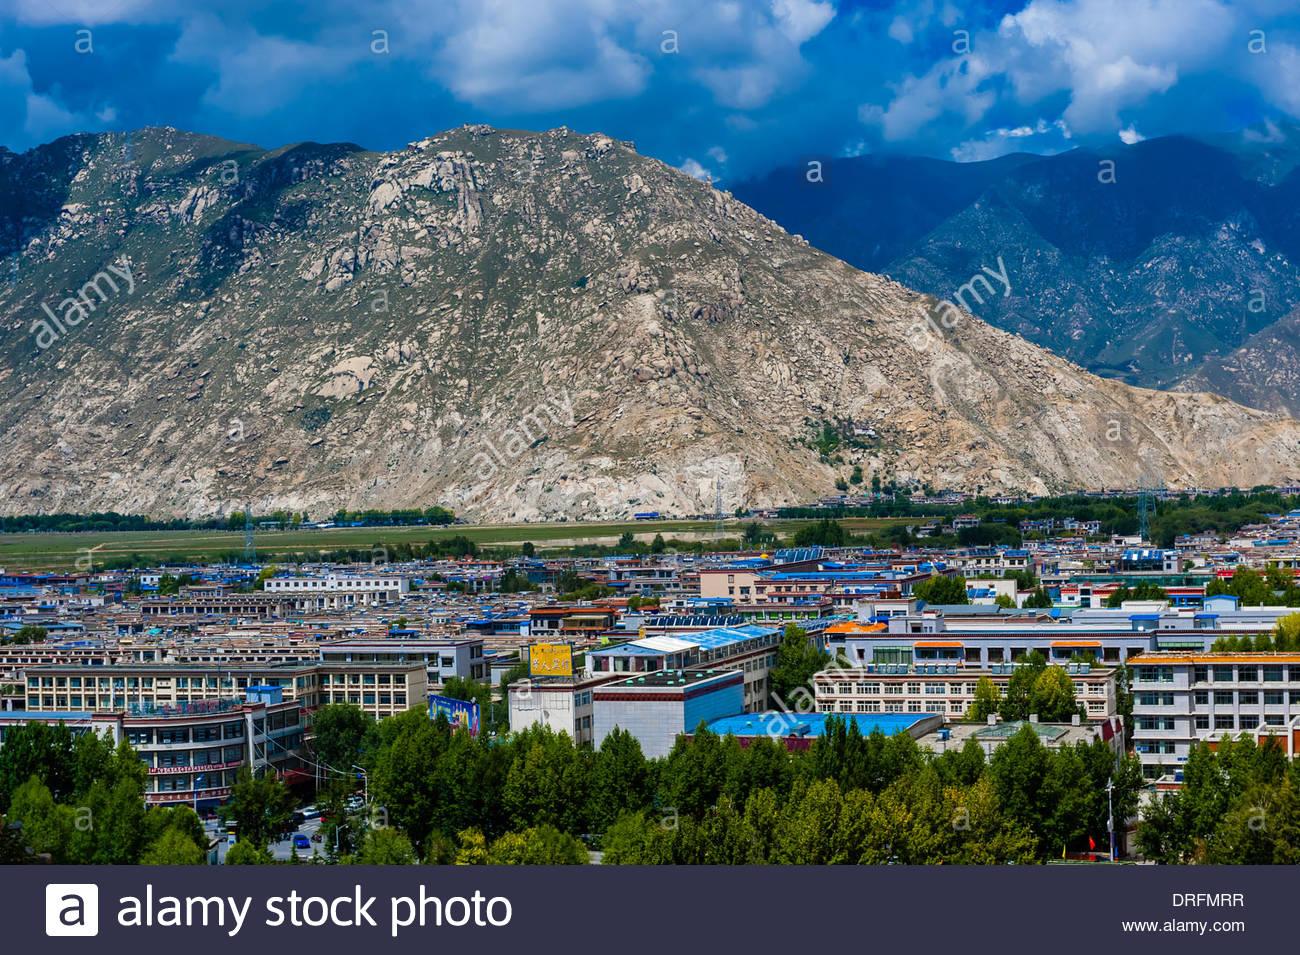 Lhasa skyline, Tibet (Xizang), China. - Stock Image